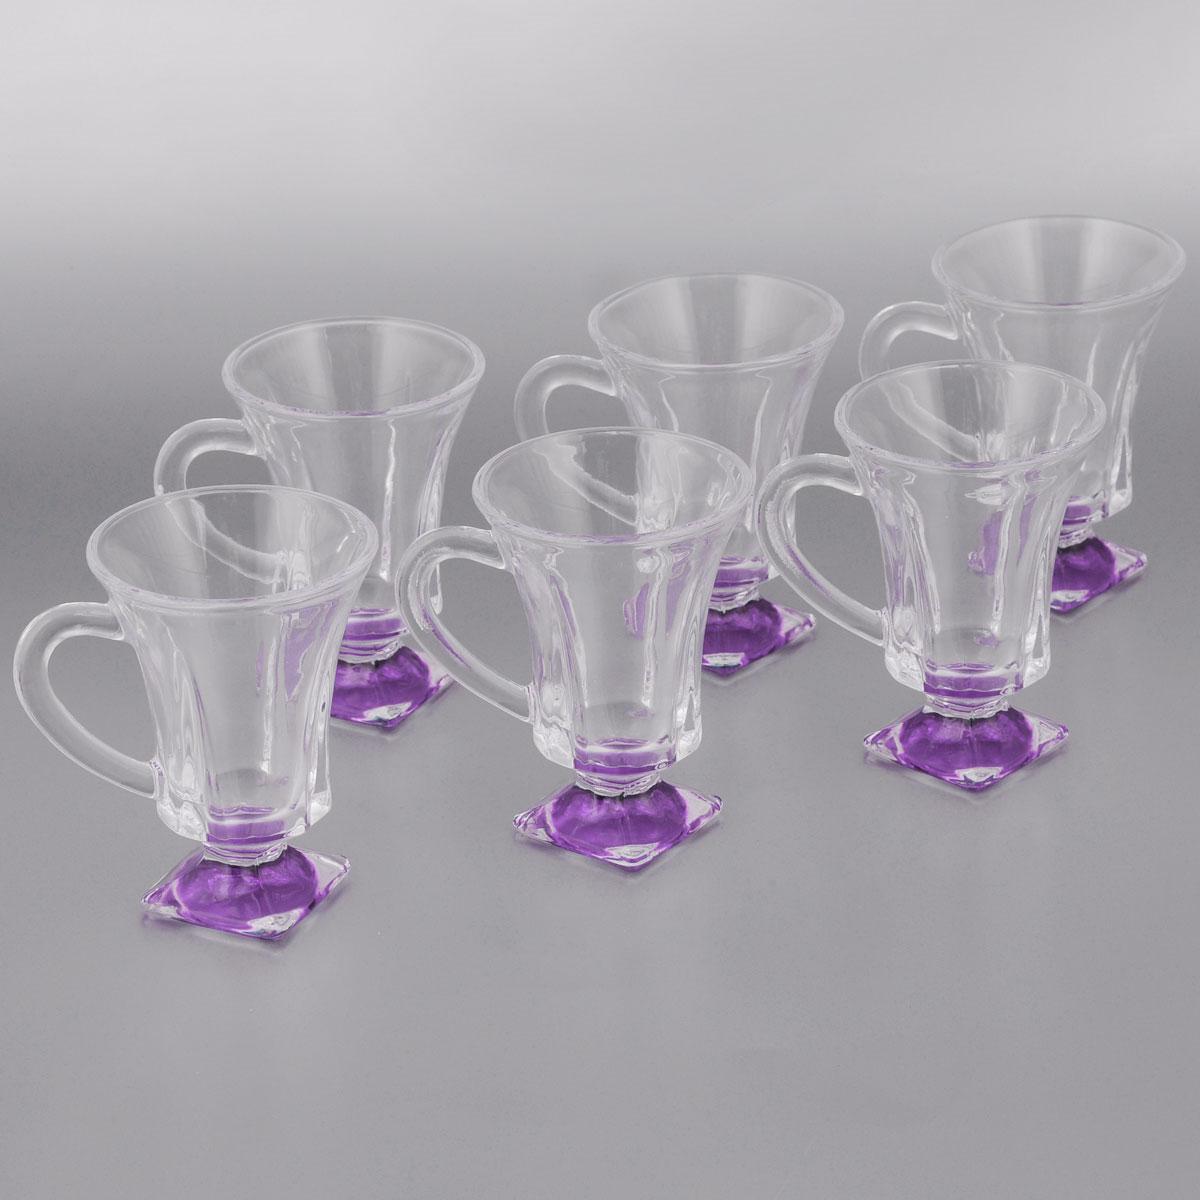 Набор стаканов для глинтвейна Loraine, цвет: прозрачный, сиреневый, 150 мл, 6 штVT-1520(SR)Набор Loraine состоит из шести стаканов, выполненных из прочного стекла. Предметы набора имеют цветную ножку и декорированы рельефом. Они излучают приятный блеск и издают мелодичный звон. Для удобства изделия оснащены изящной ручкой.Набор Loraine прекрасно оформит интерьер кабинета или гостиной и станет отличным дополнением бара. Такой набор также станет хорошим подарком к любому случаю. Диаметр стакана (по верхнему краю): 8 см.Высота стакана: 11 см.